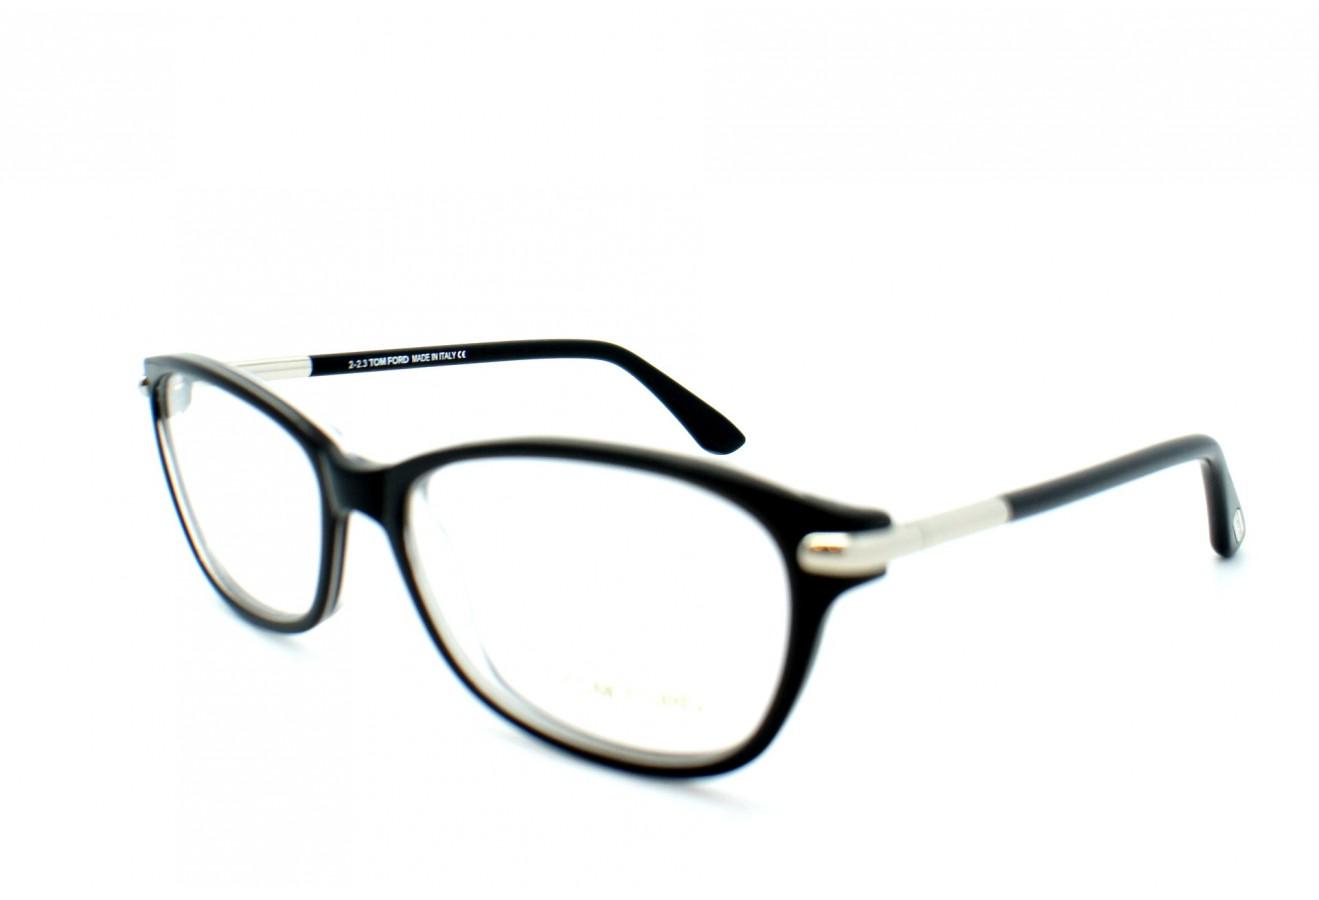 tom ford lunettes de vue femme